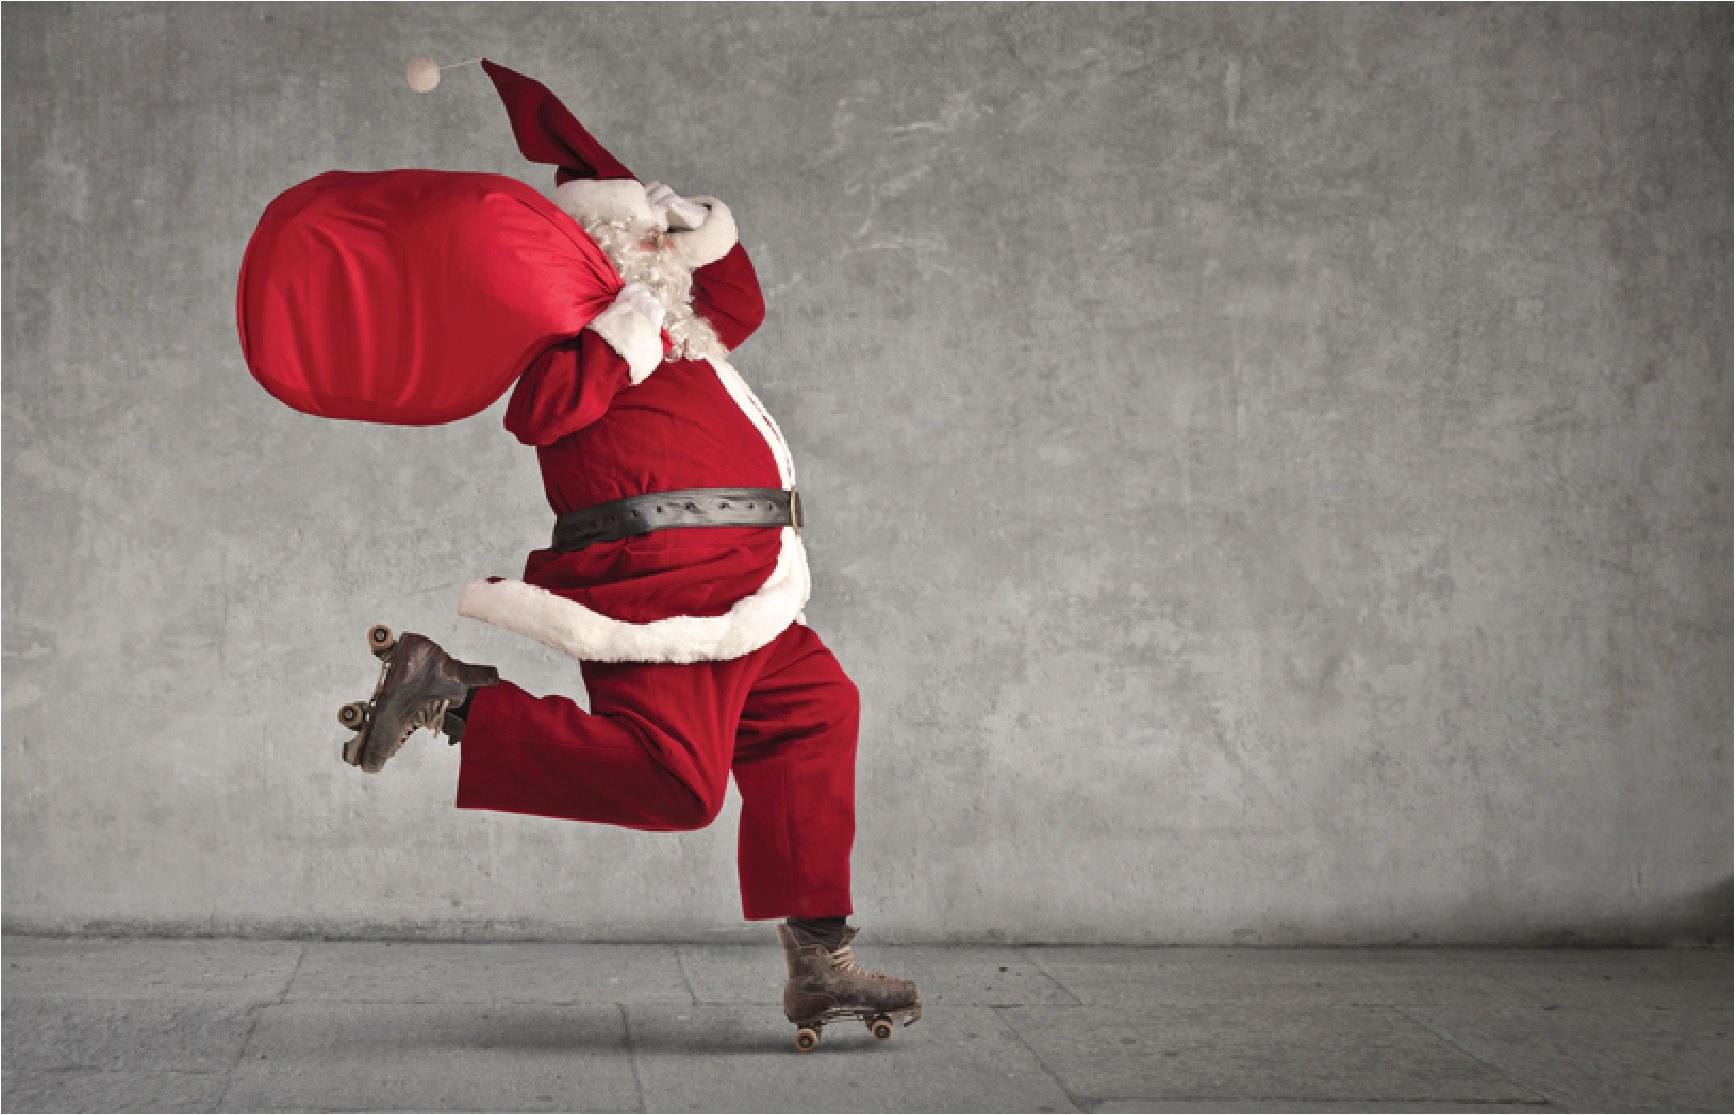 Santa Skate at CurveMotion